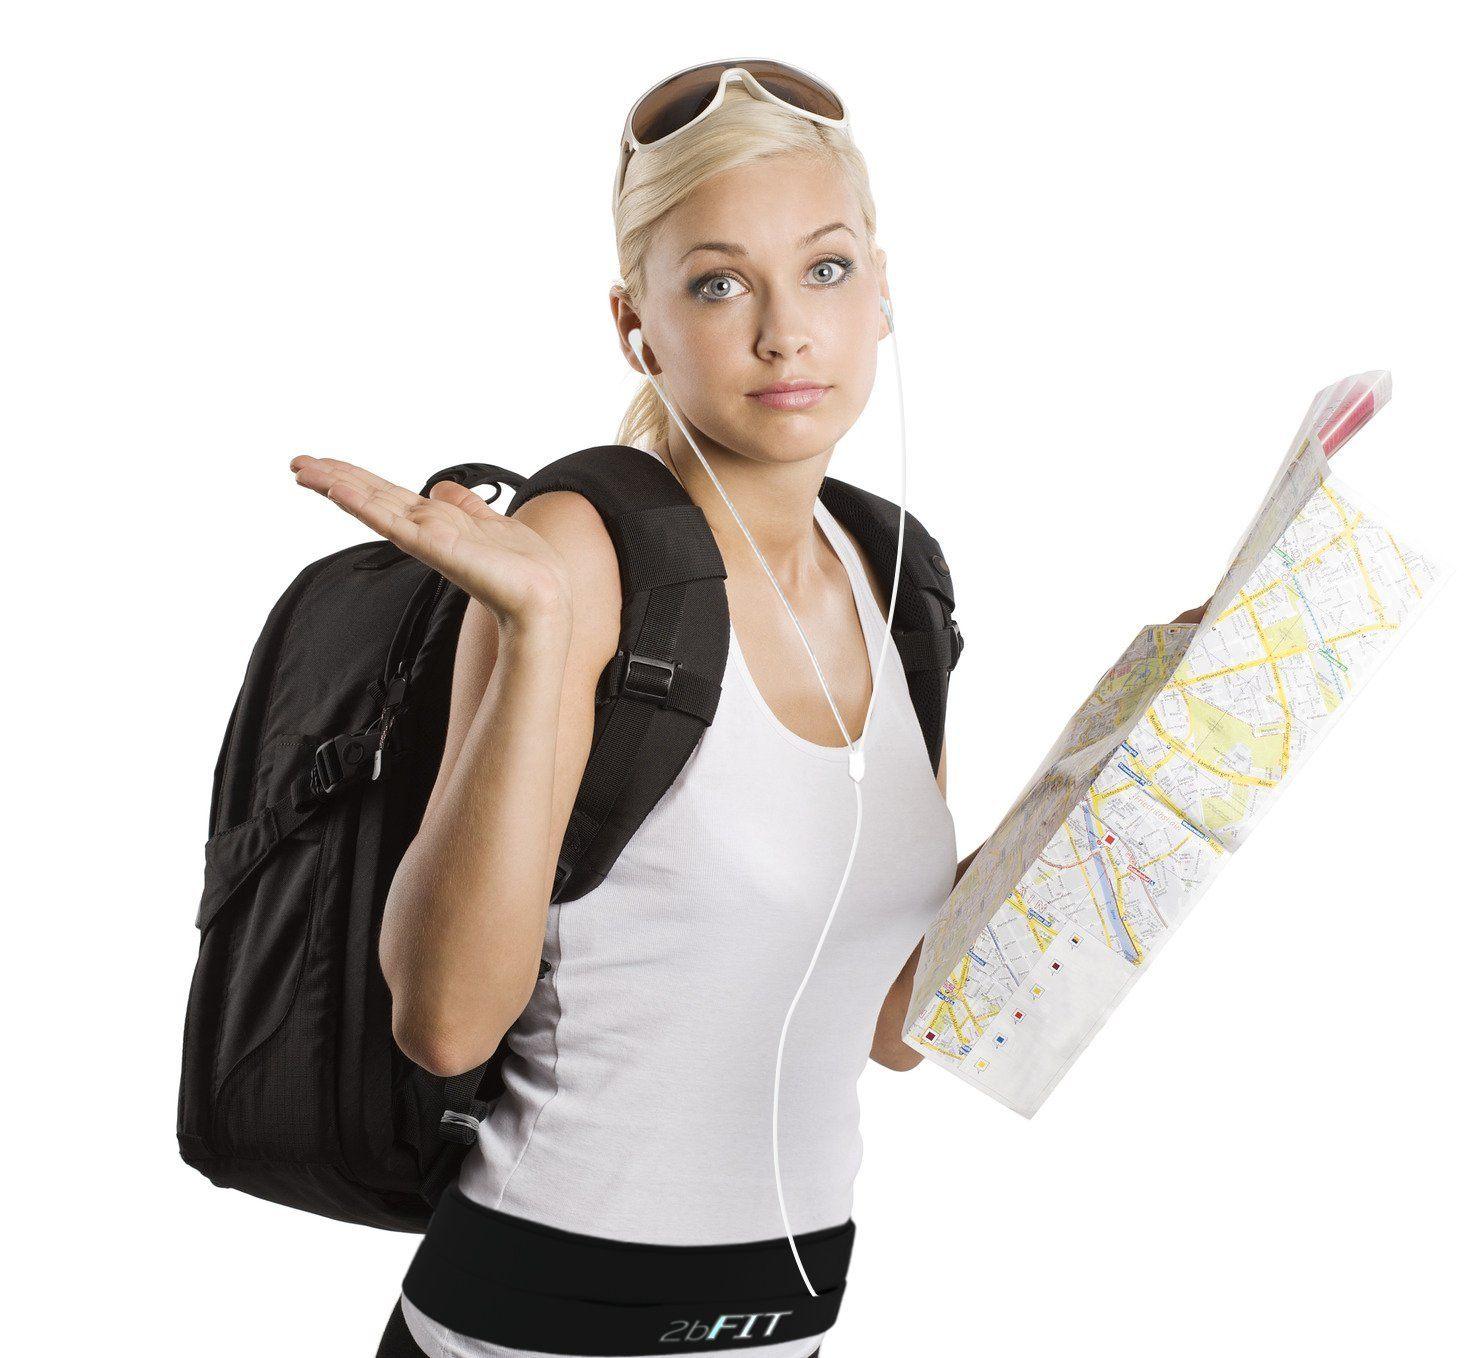 2bFIT Jogging Gürtel – Hüfttasche – Perfekt Für Workouts